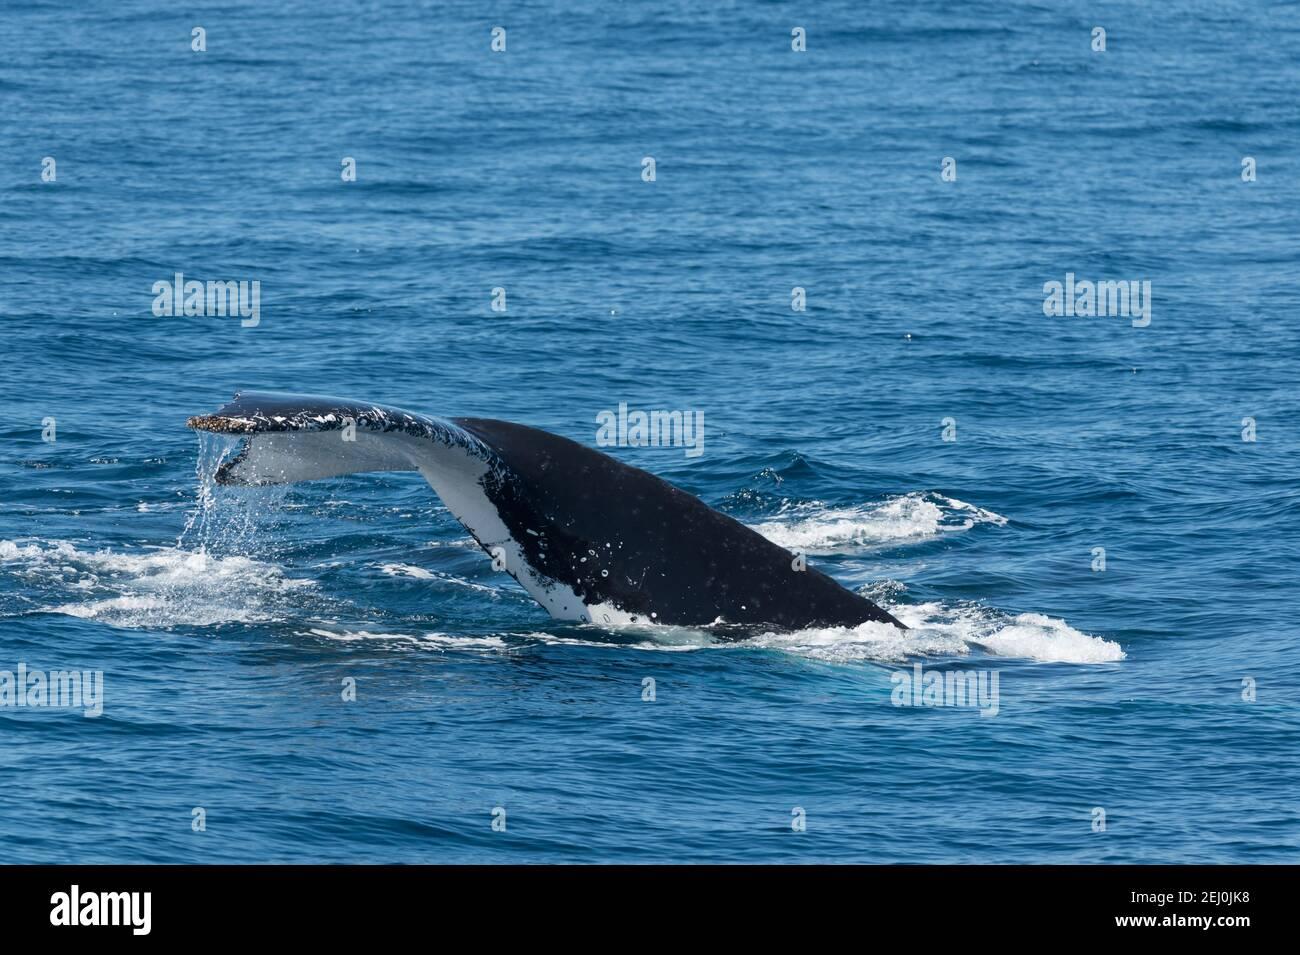 Observation des baleines à bosse, Merimbula Bay, Nouvelle-Galles du Sud, Australie. Banque D'Images